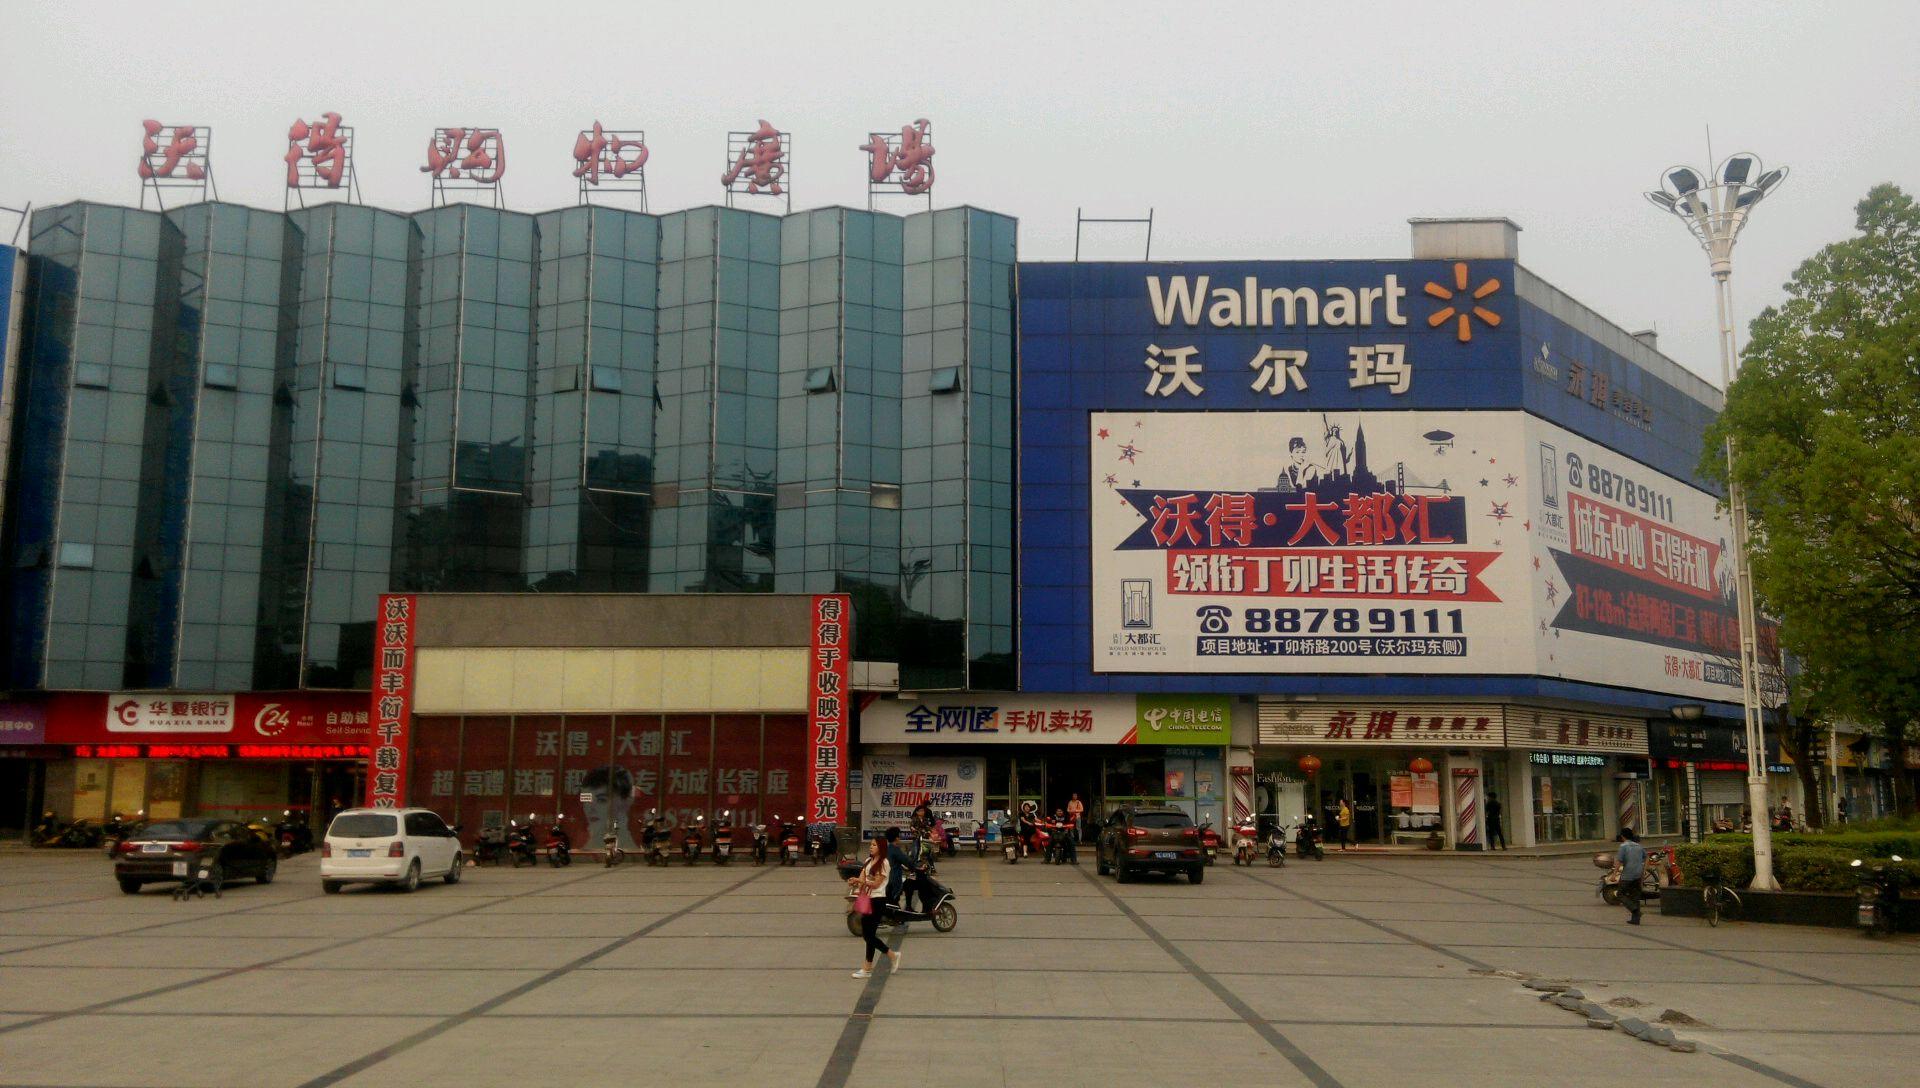 阳路支行_沃得购物广场(谷阳路)